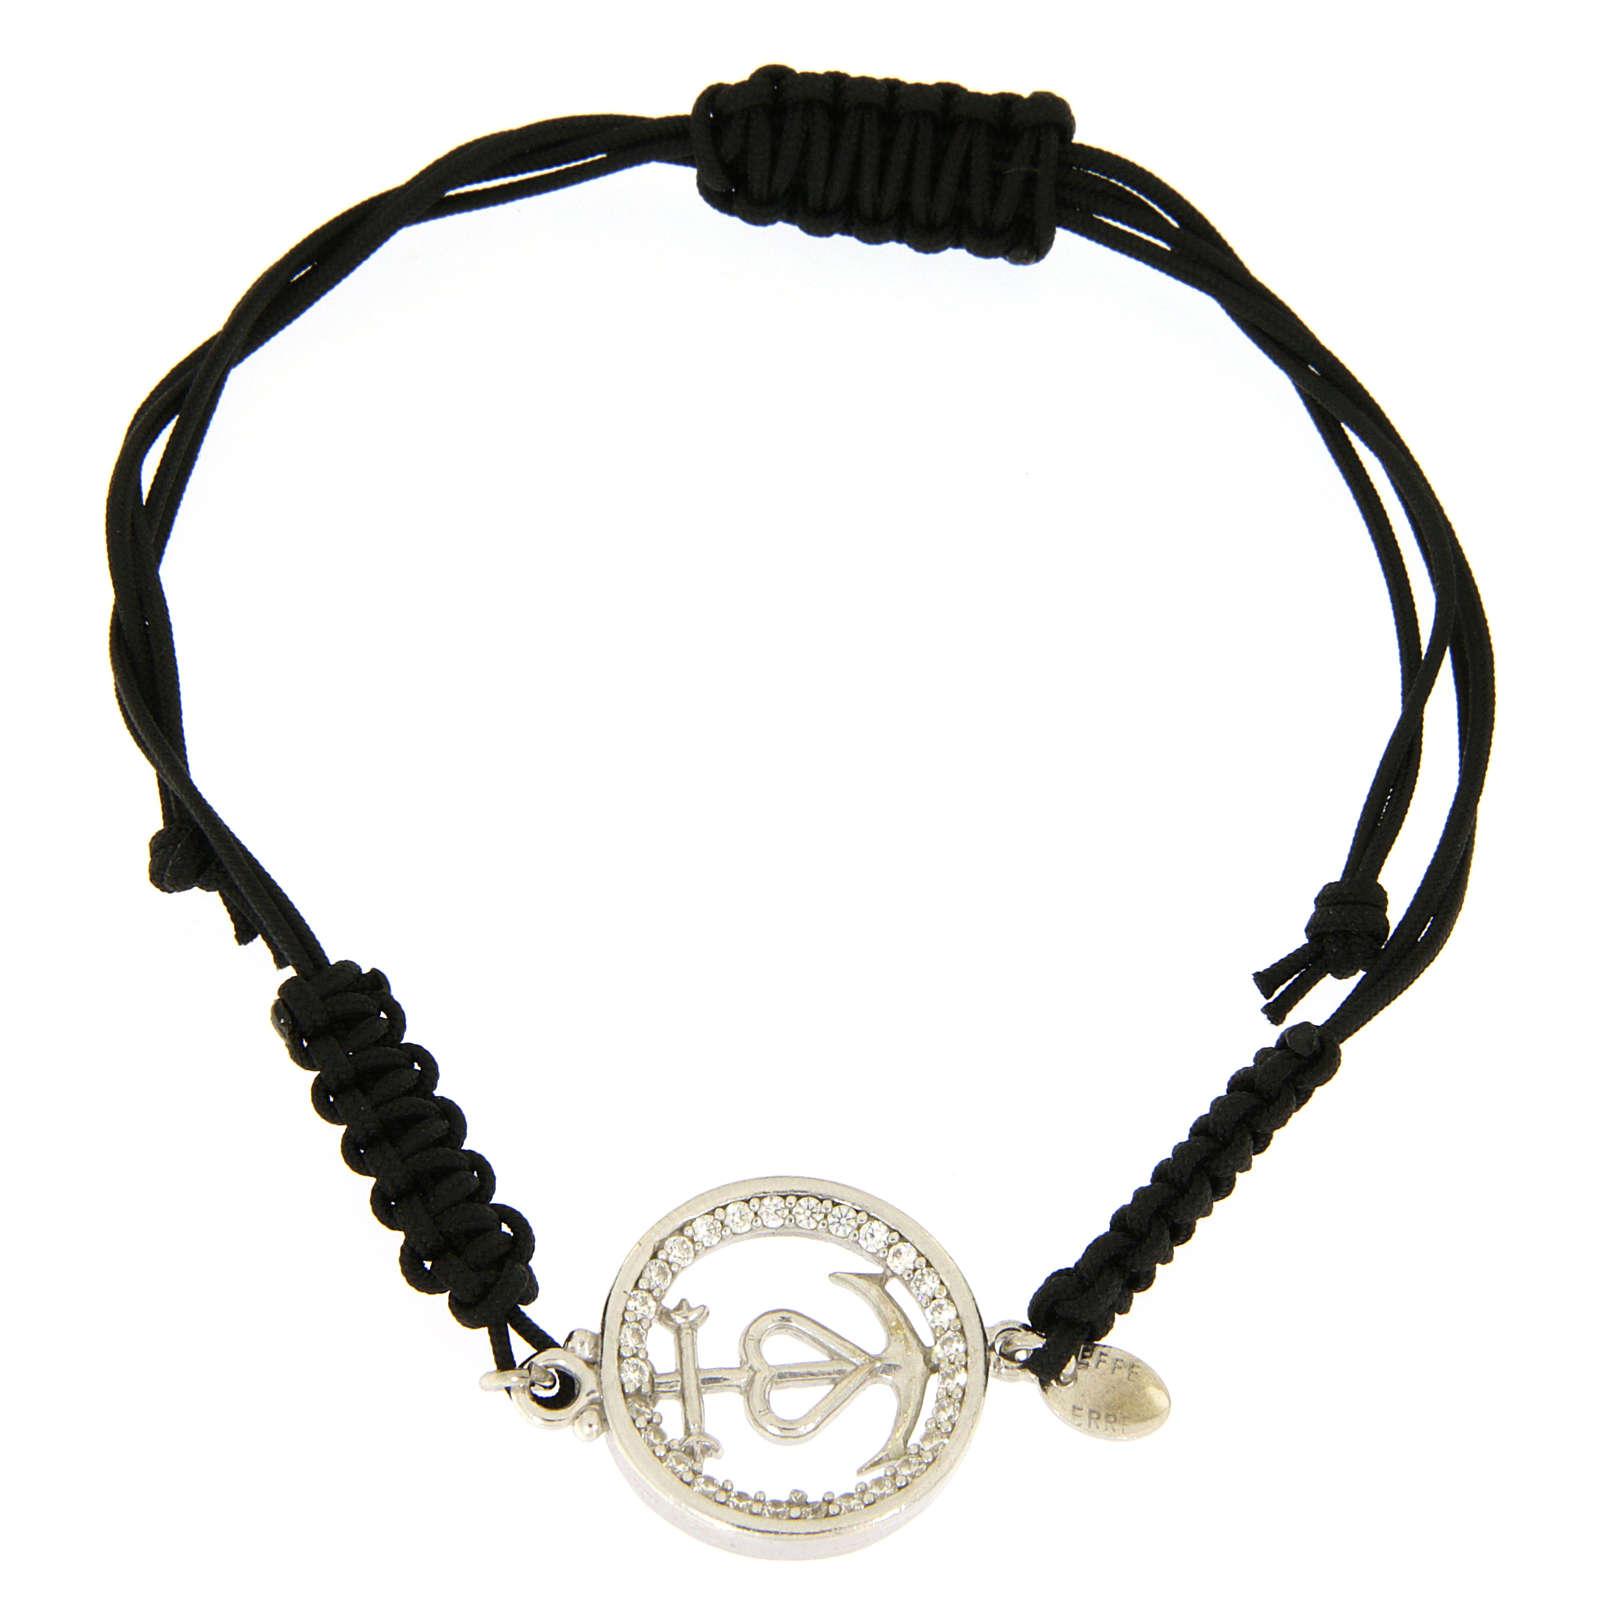 Bracciale medaglia traforata fede speranza carità arg. 925 zirc. bianchi corda nera 4